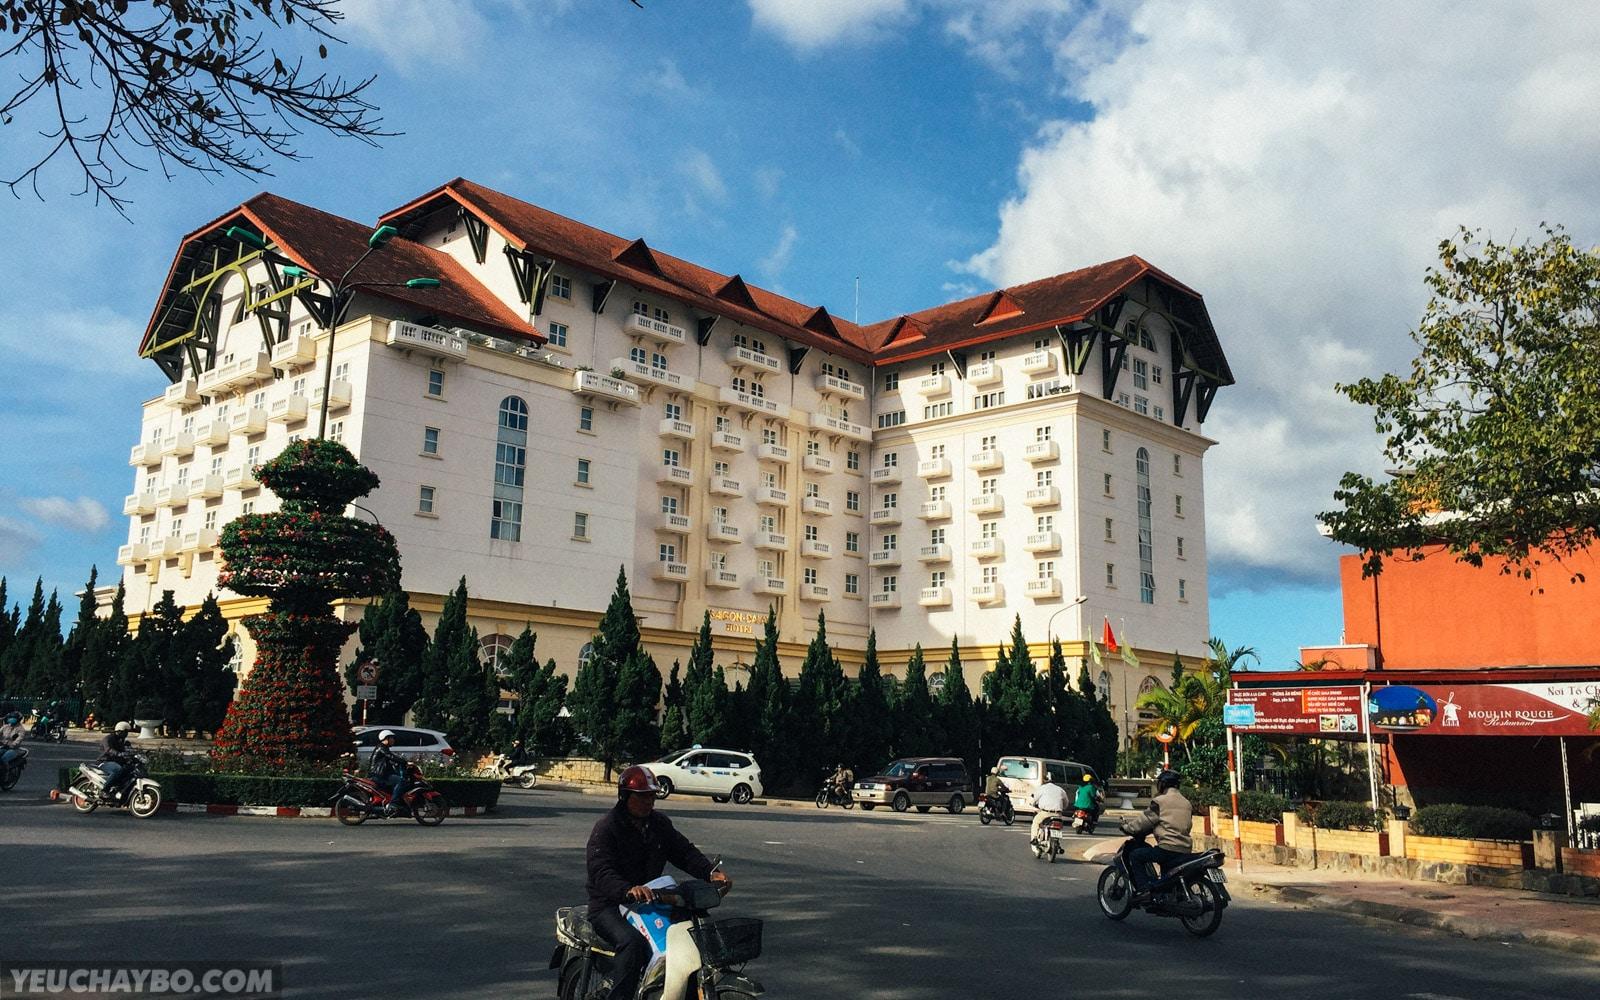 Khách sạn Sài Gòn - Đà Lạt ngay góc đường Trần Phú - 3 Tháng 2